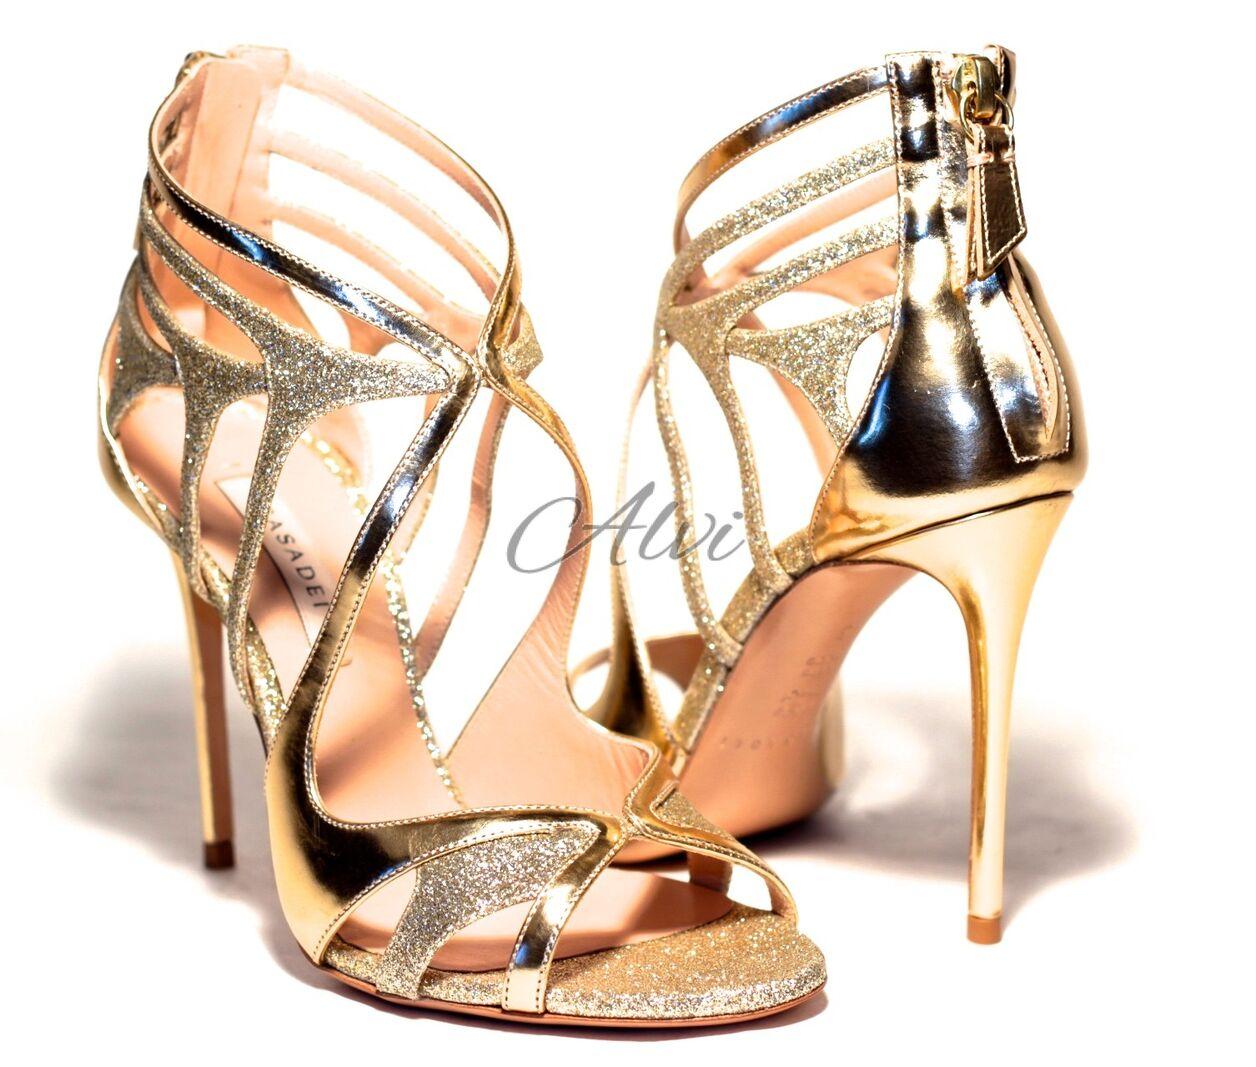 Sandali eleganti oro glitter Casadei c7a9a206146